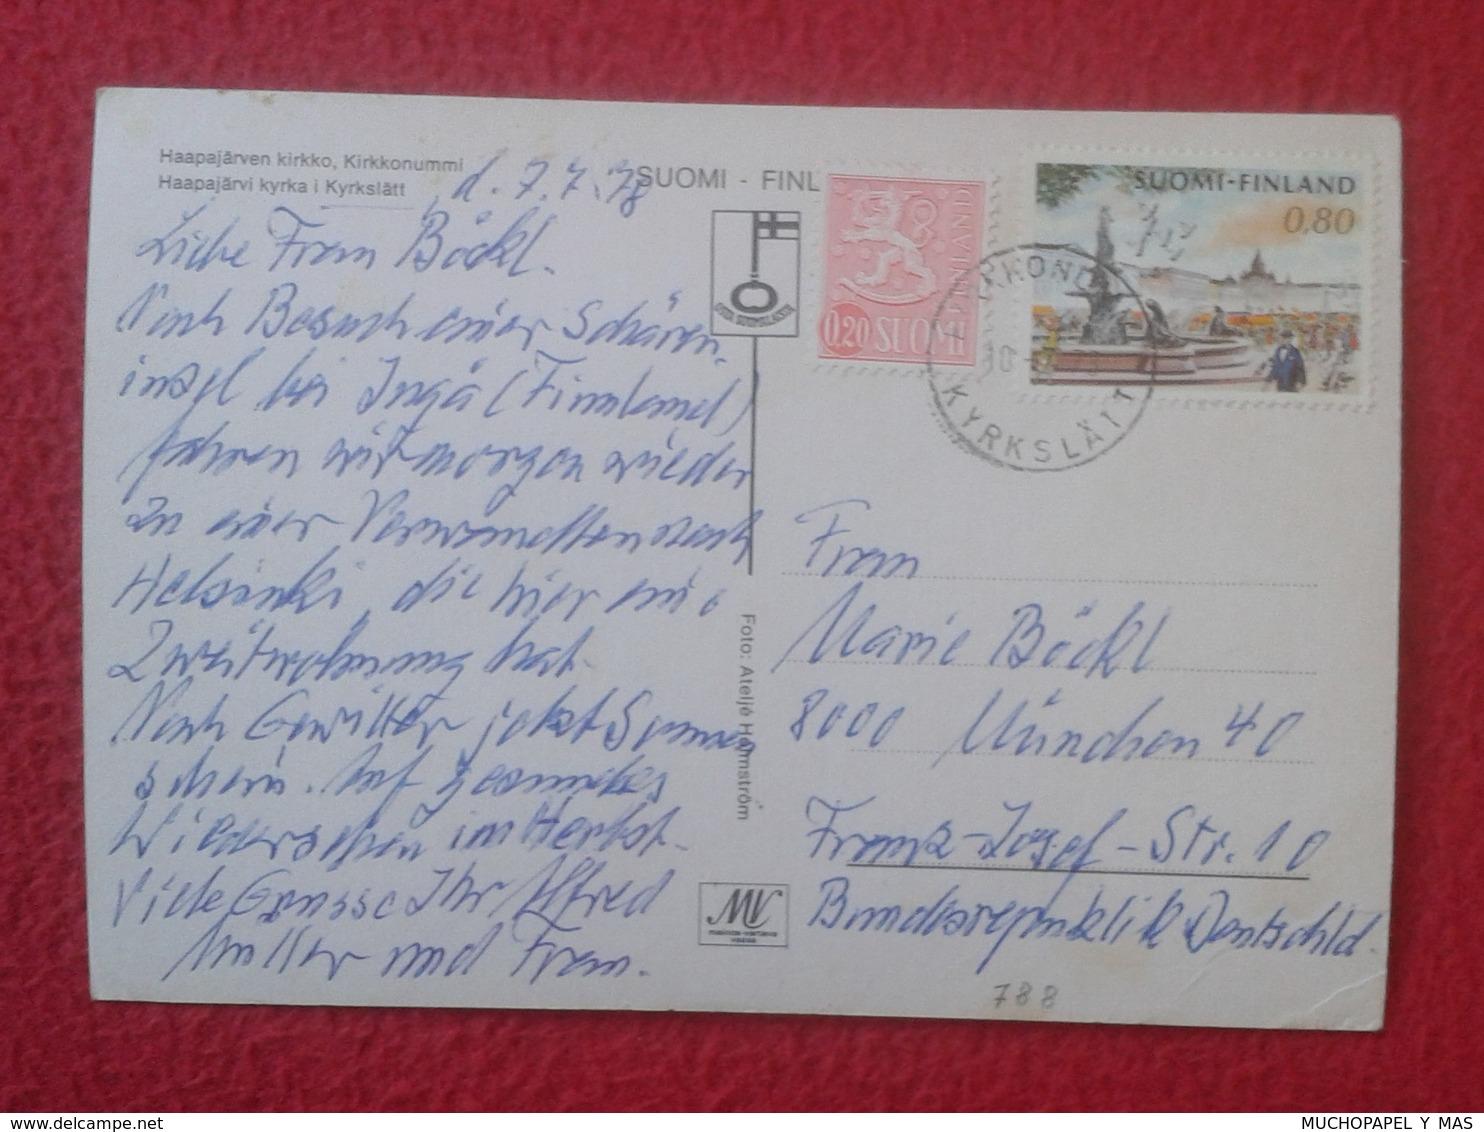 POSTAL POST CARD CARTE POSTALE FINLANDIA ? FINLAND ? SUOMI ? KIRKKONUMMI WITH STAMPS CON SELLOS CIRCULADA VER FOTOS Y DE - Finlandia